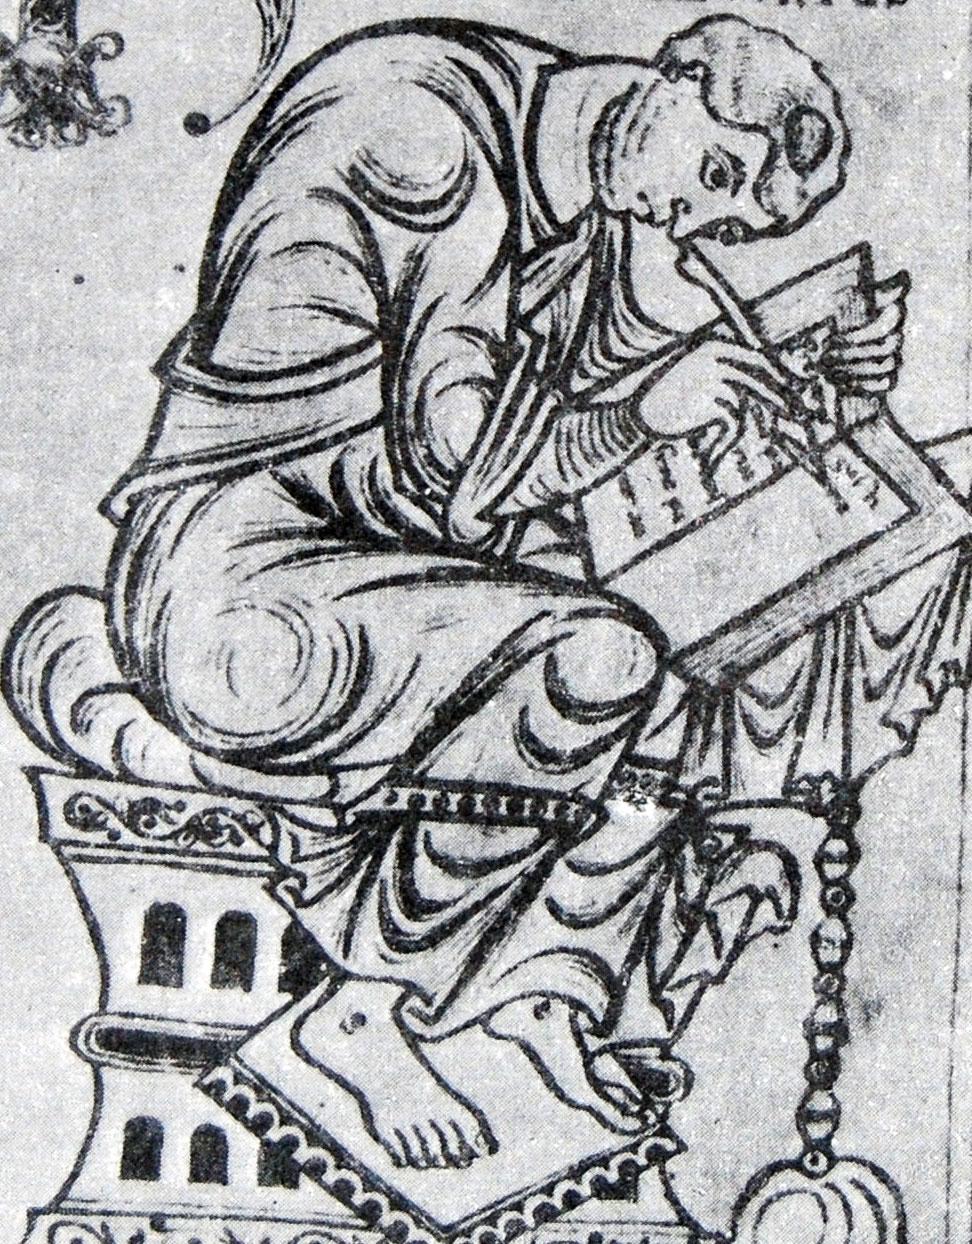 Paolo Orosio in una raffigurazione dell'XI secolo. Immagine presa da questa url